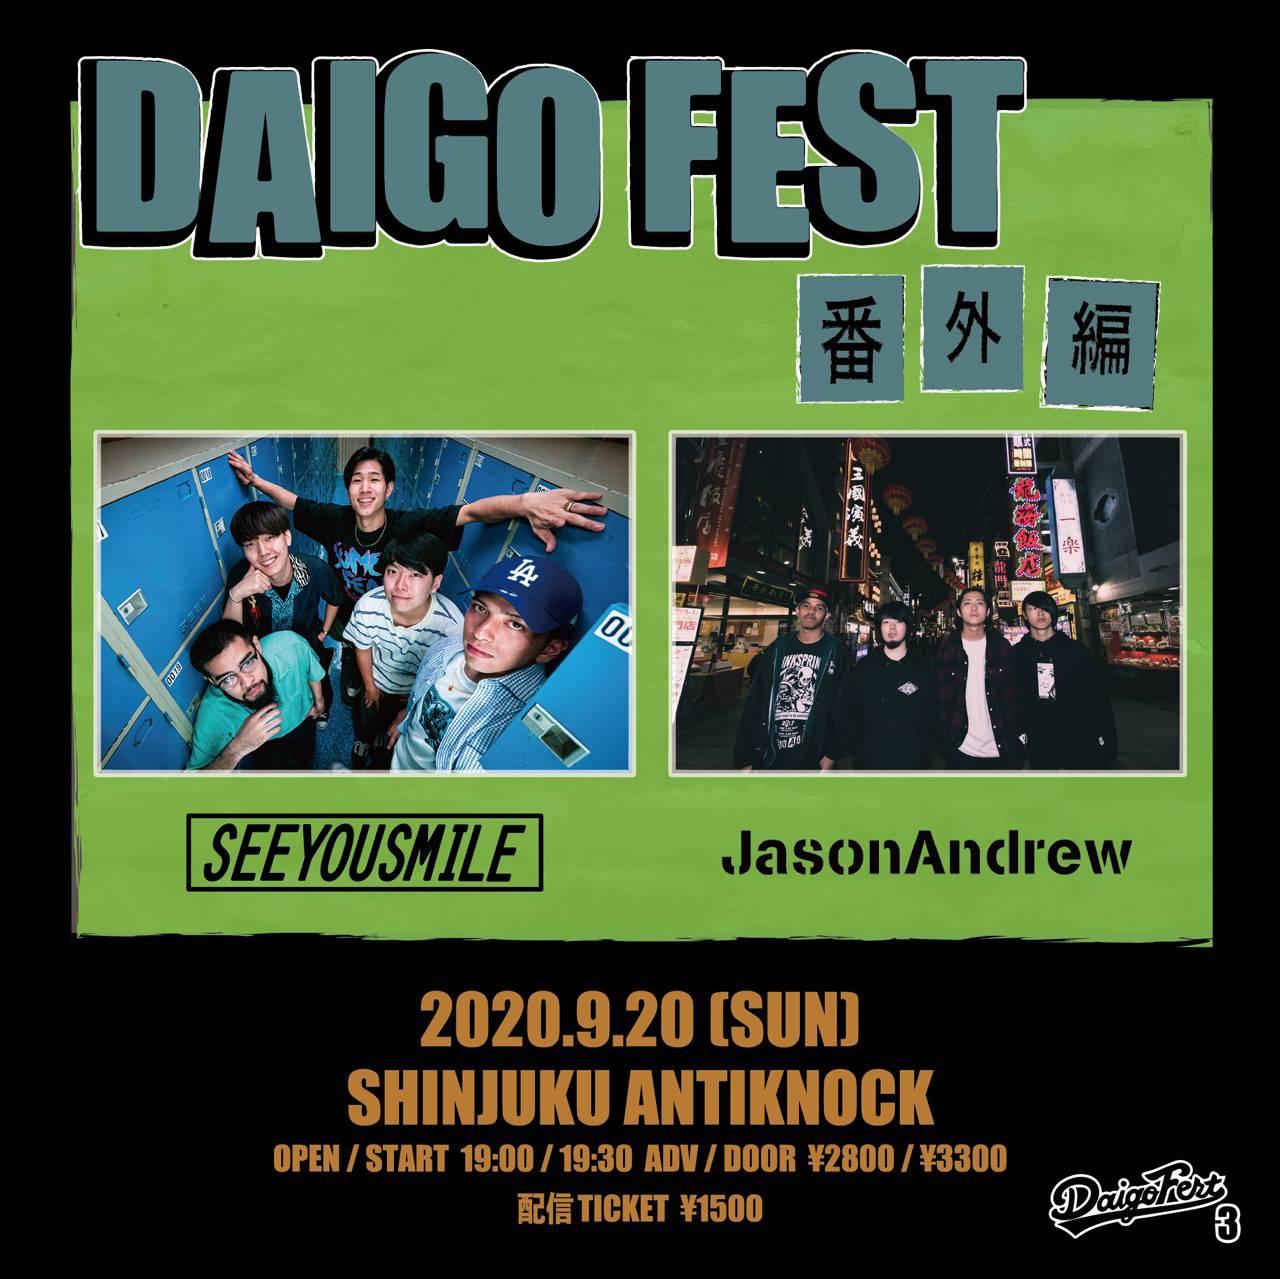 DAIGO presents 【DAIGO FEST 番外編】